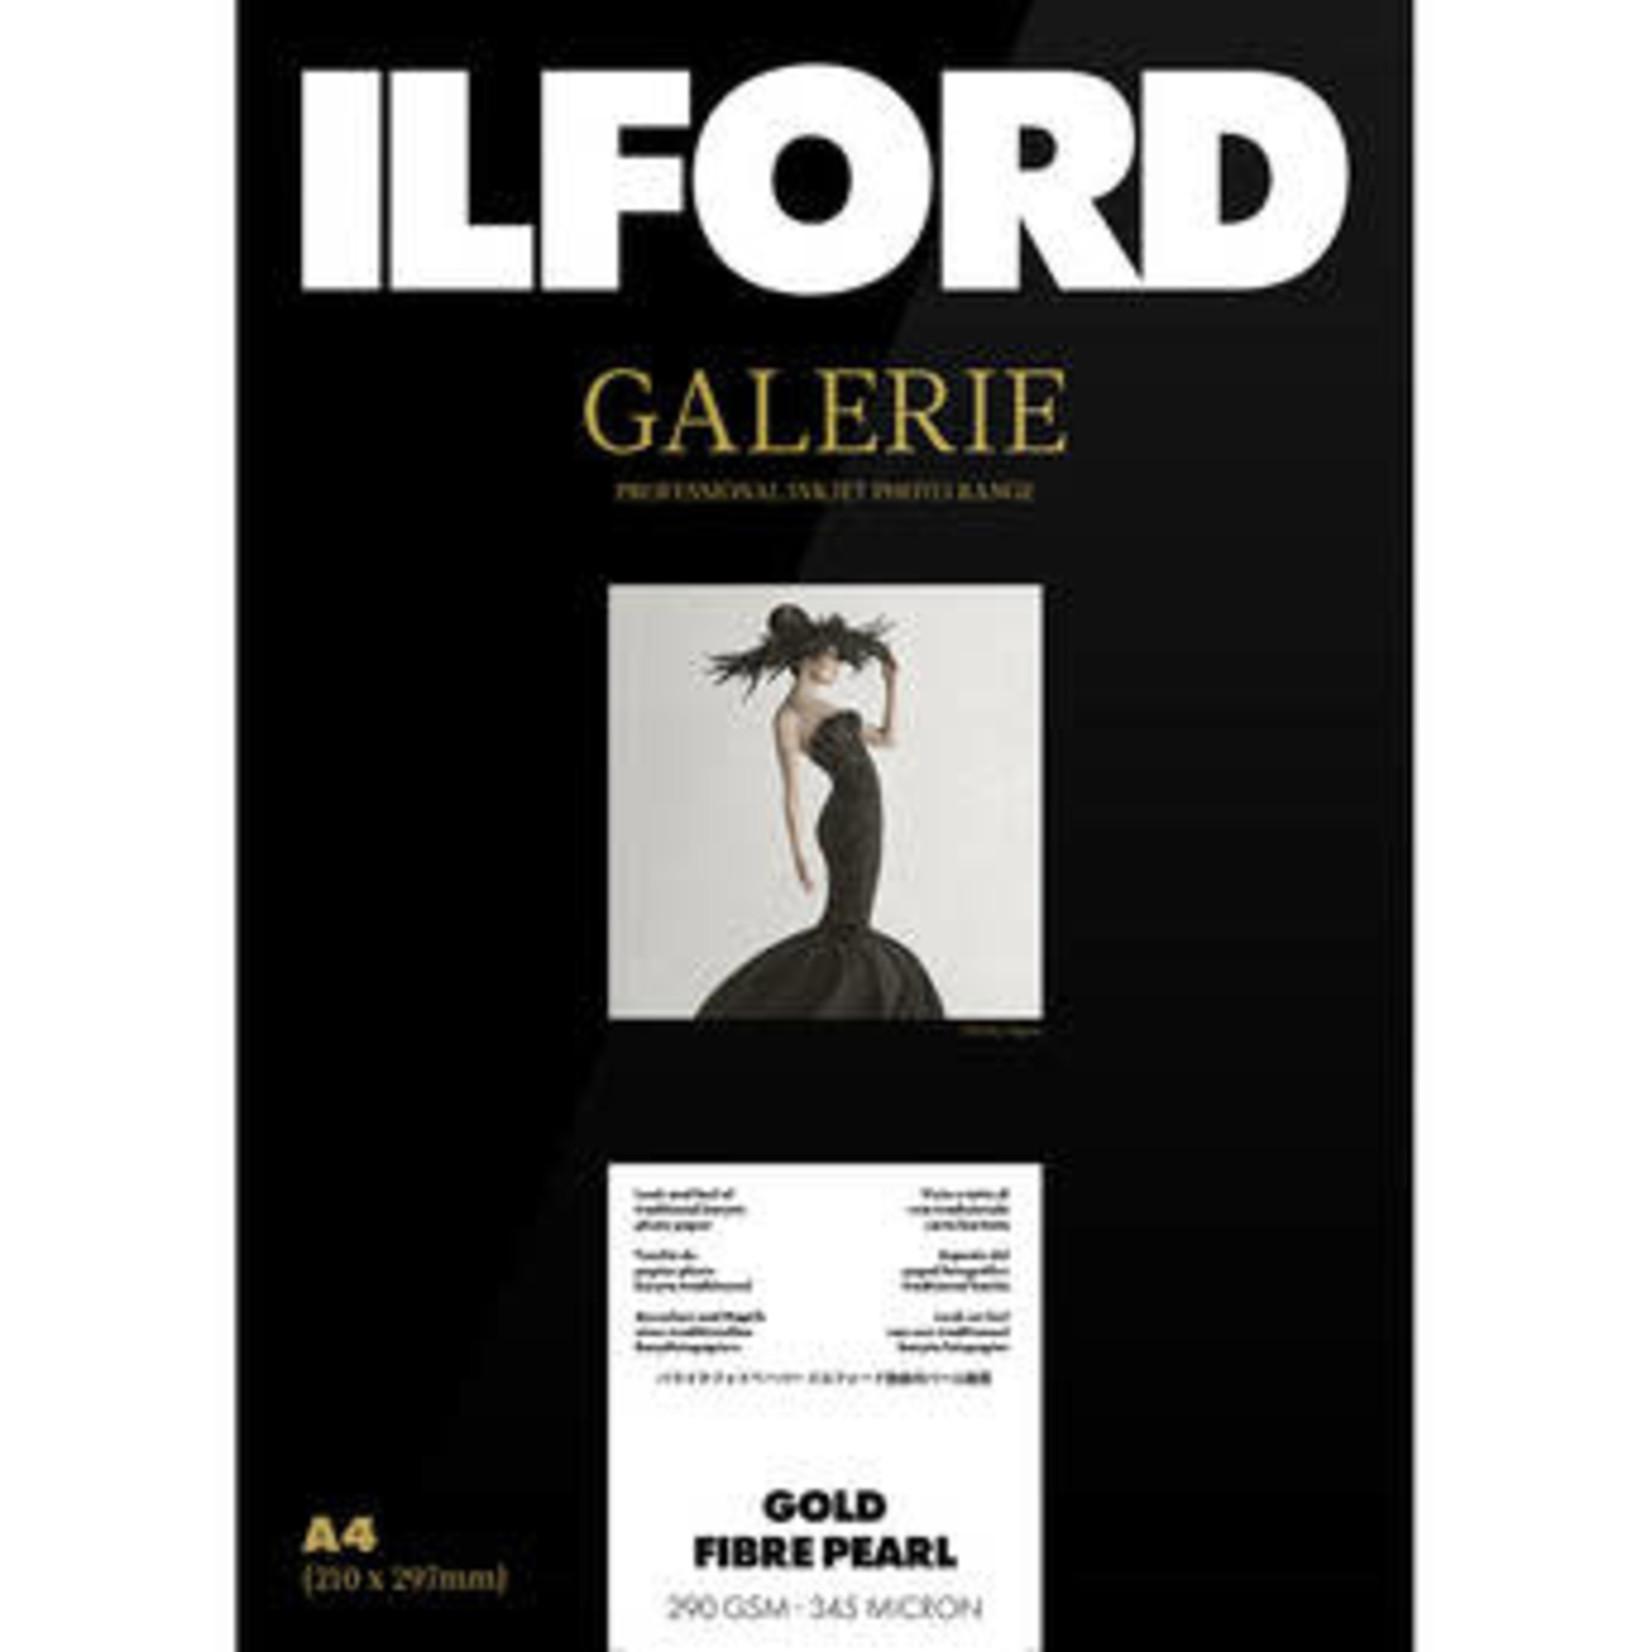 Ilford Galerie Gold  Fibre Pearl 5x7 (100 PK)